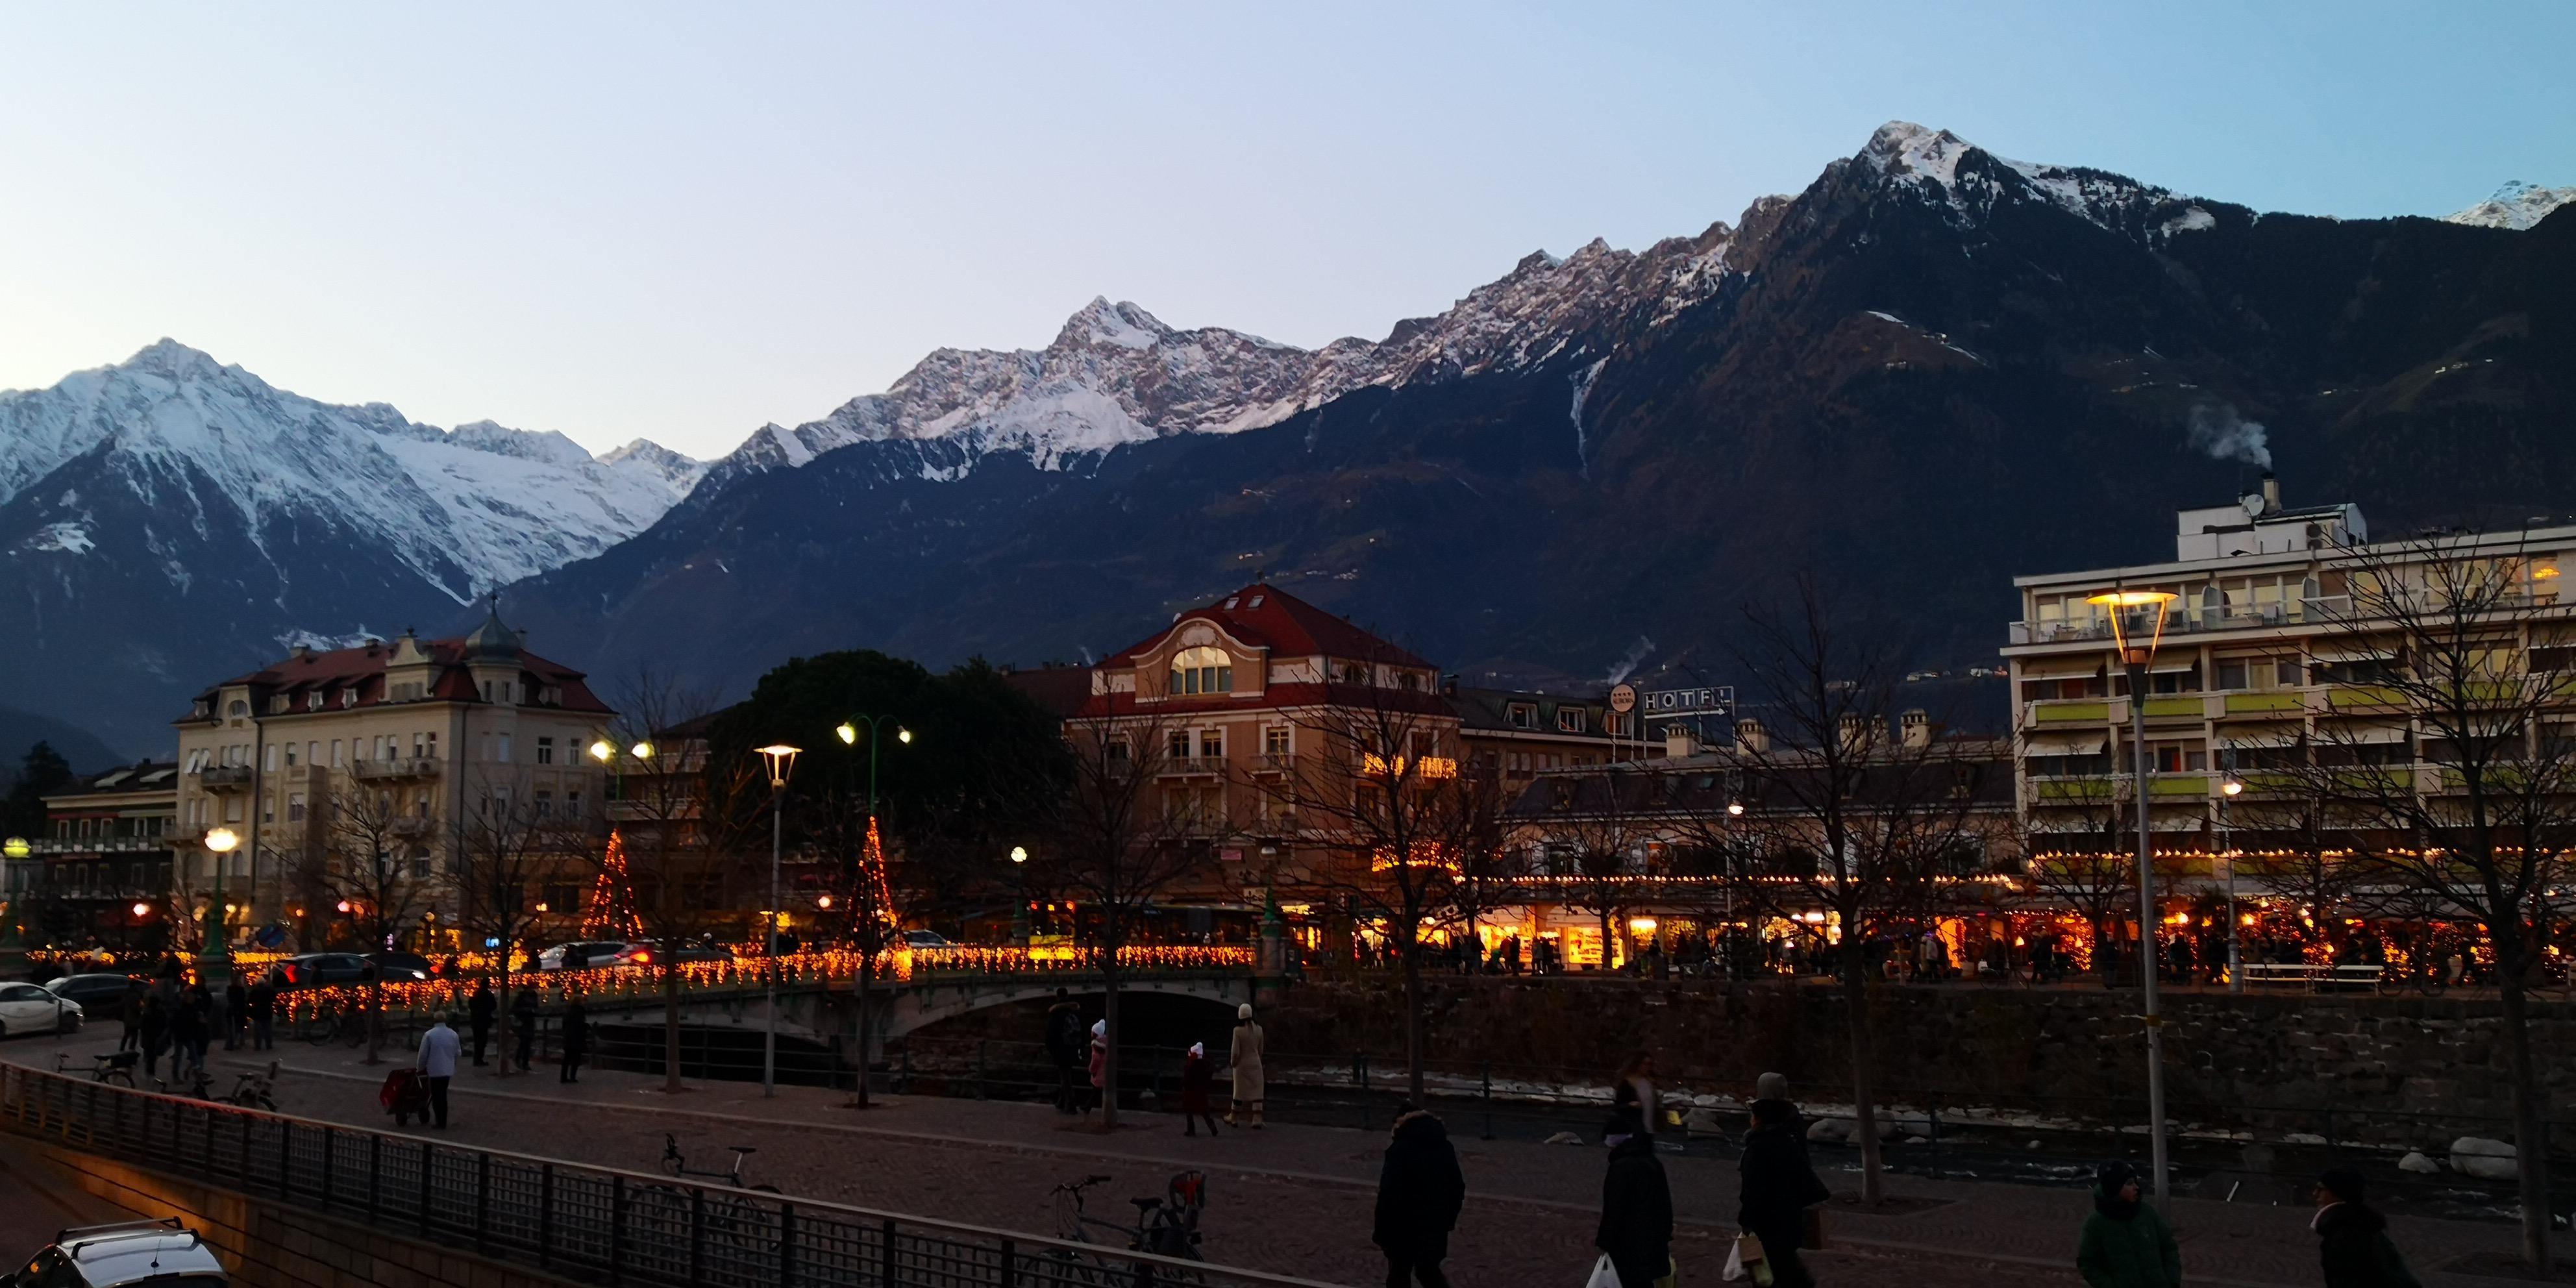 Natale a Merano - Montagne